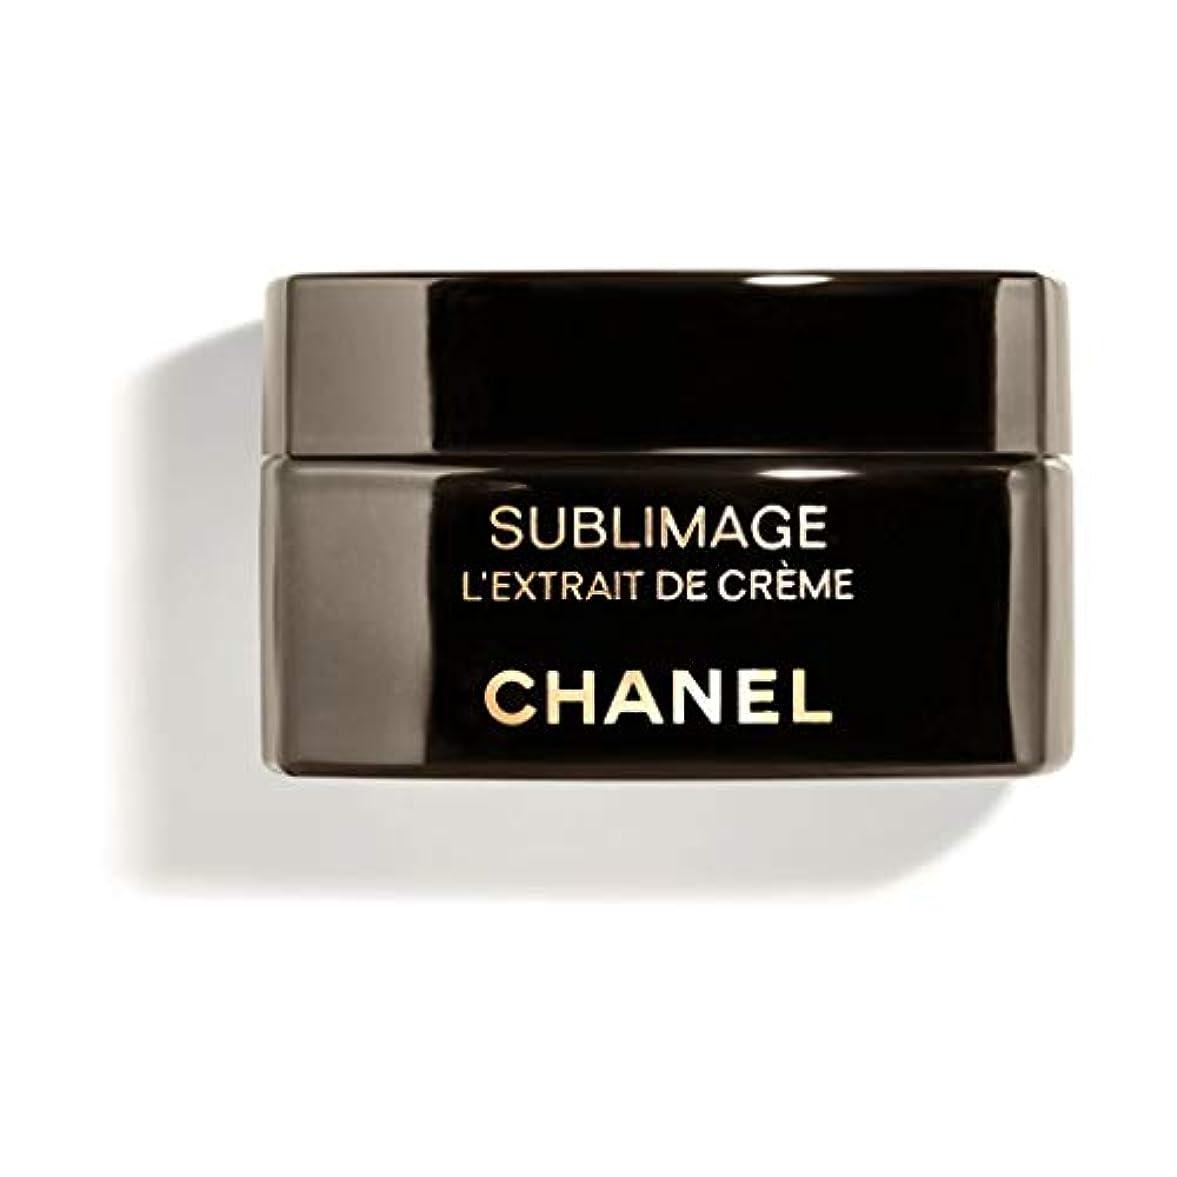 明快彼の食い違いCHANEL(シャネル) SUBLIMAGE L EXTRAIT DE CREME サブリマージュ レクストレ ドゥ クレーム 50g